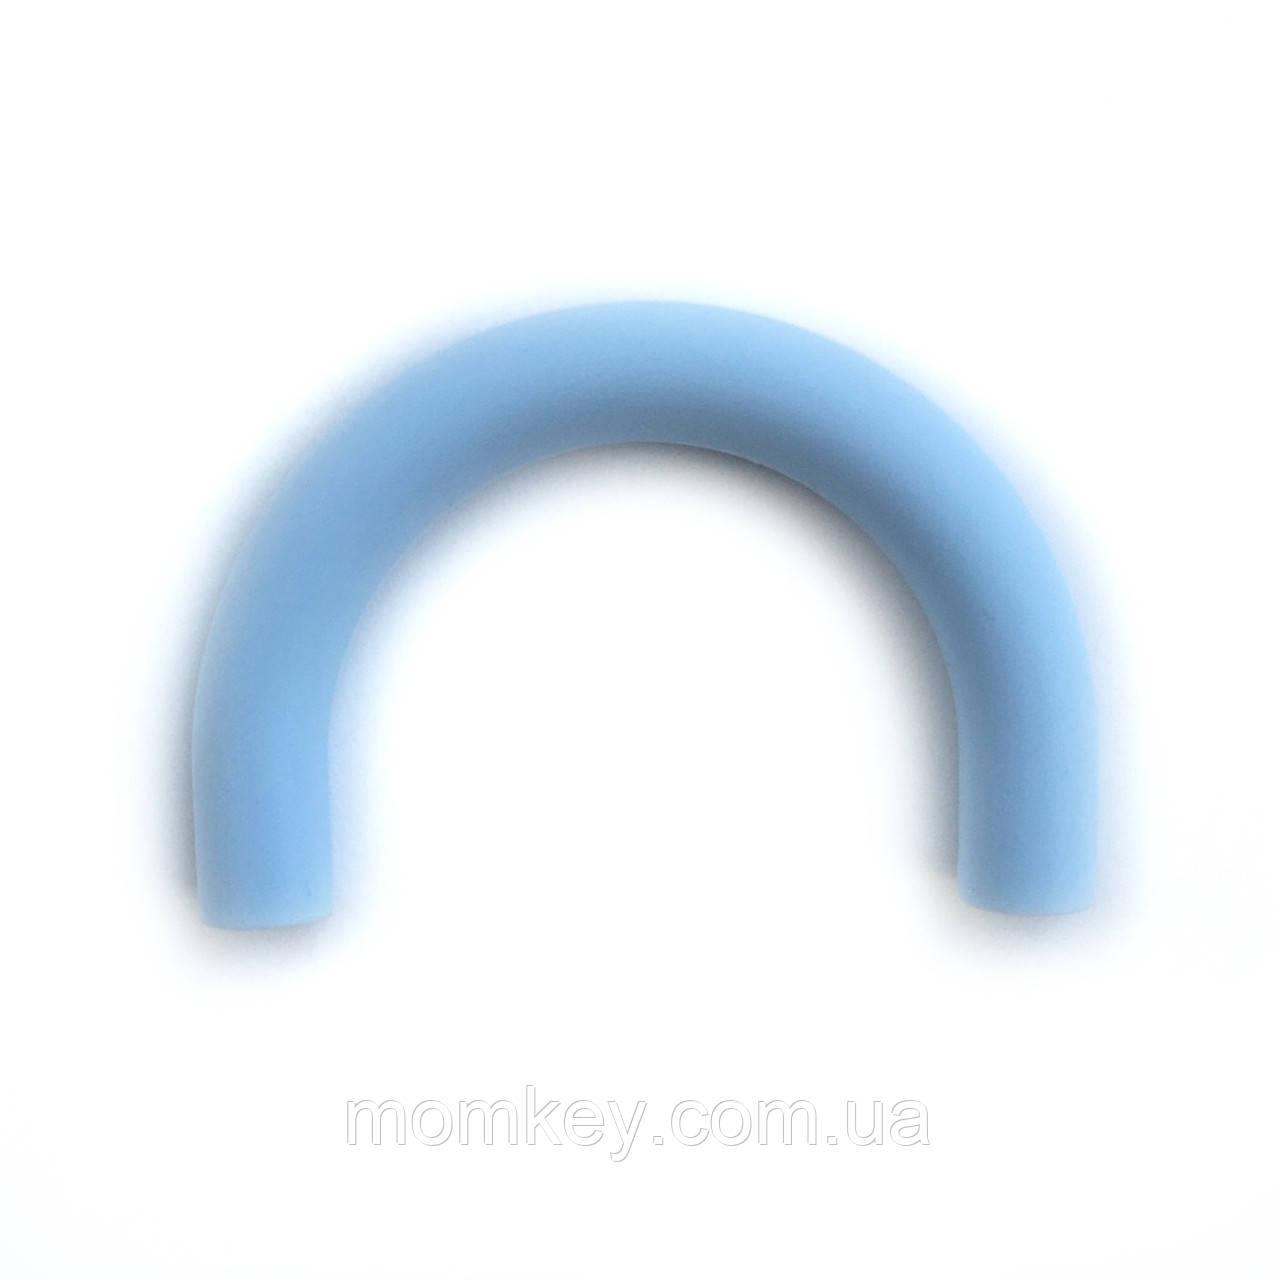 Дуга (пастельно-голубой)